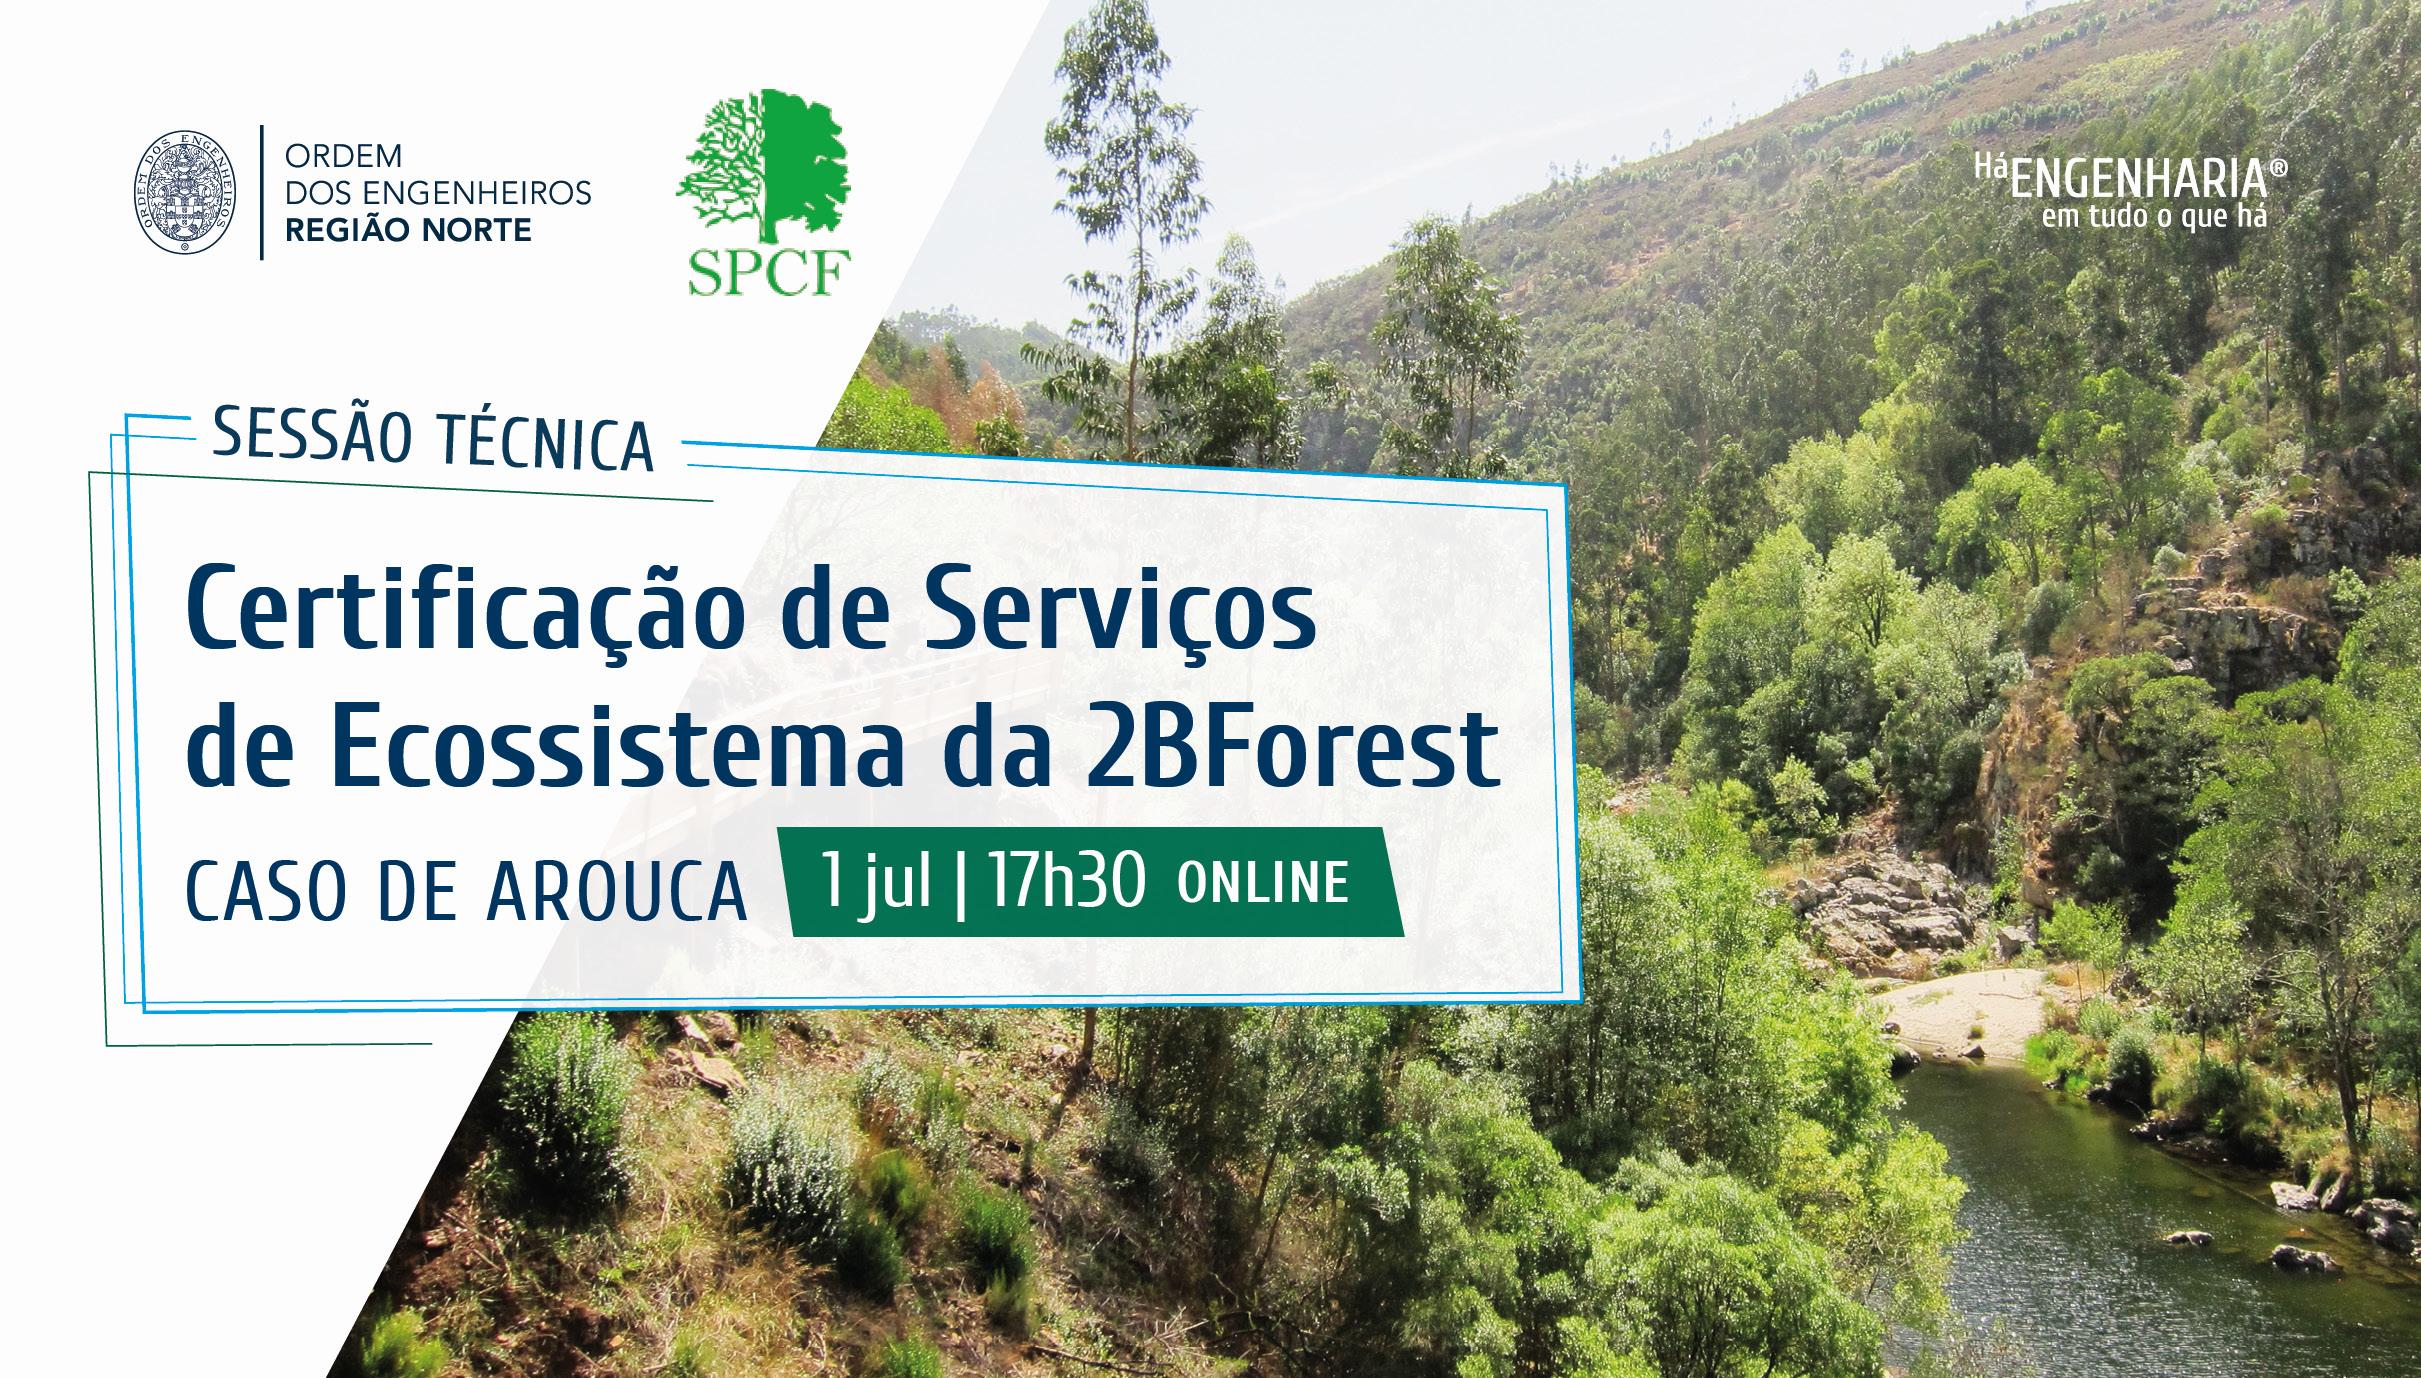 Plataforma Notícias Ordem Engenheiros Região Norte - Certificação de Serviços de Ecossistema da 2BForest